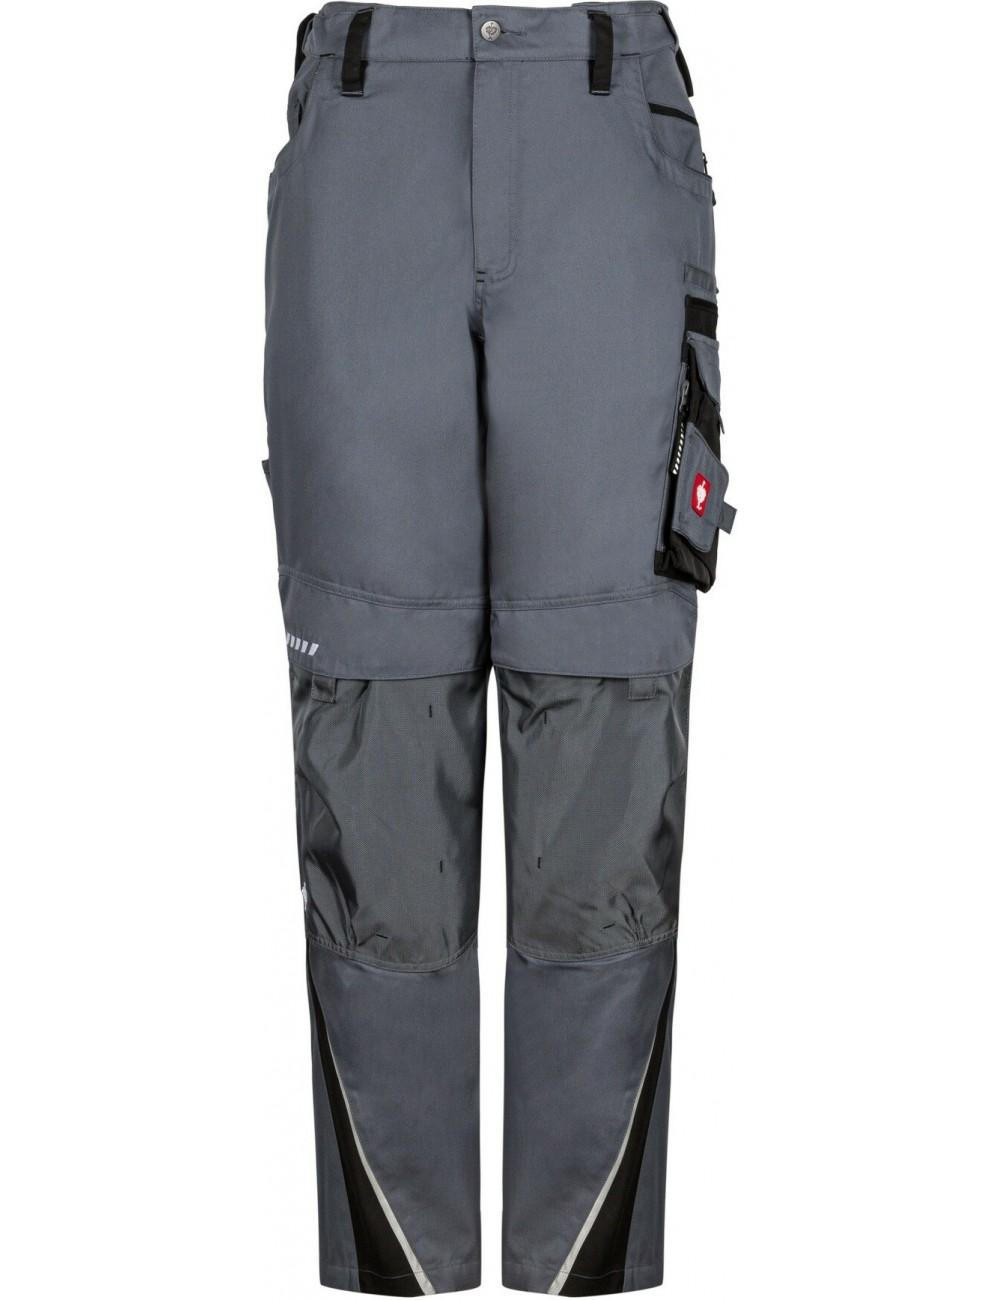 Engelbert Strauss e.s.motion spodnie